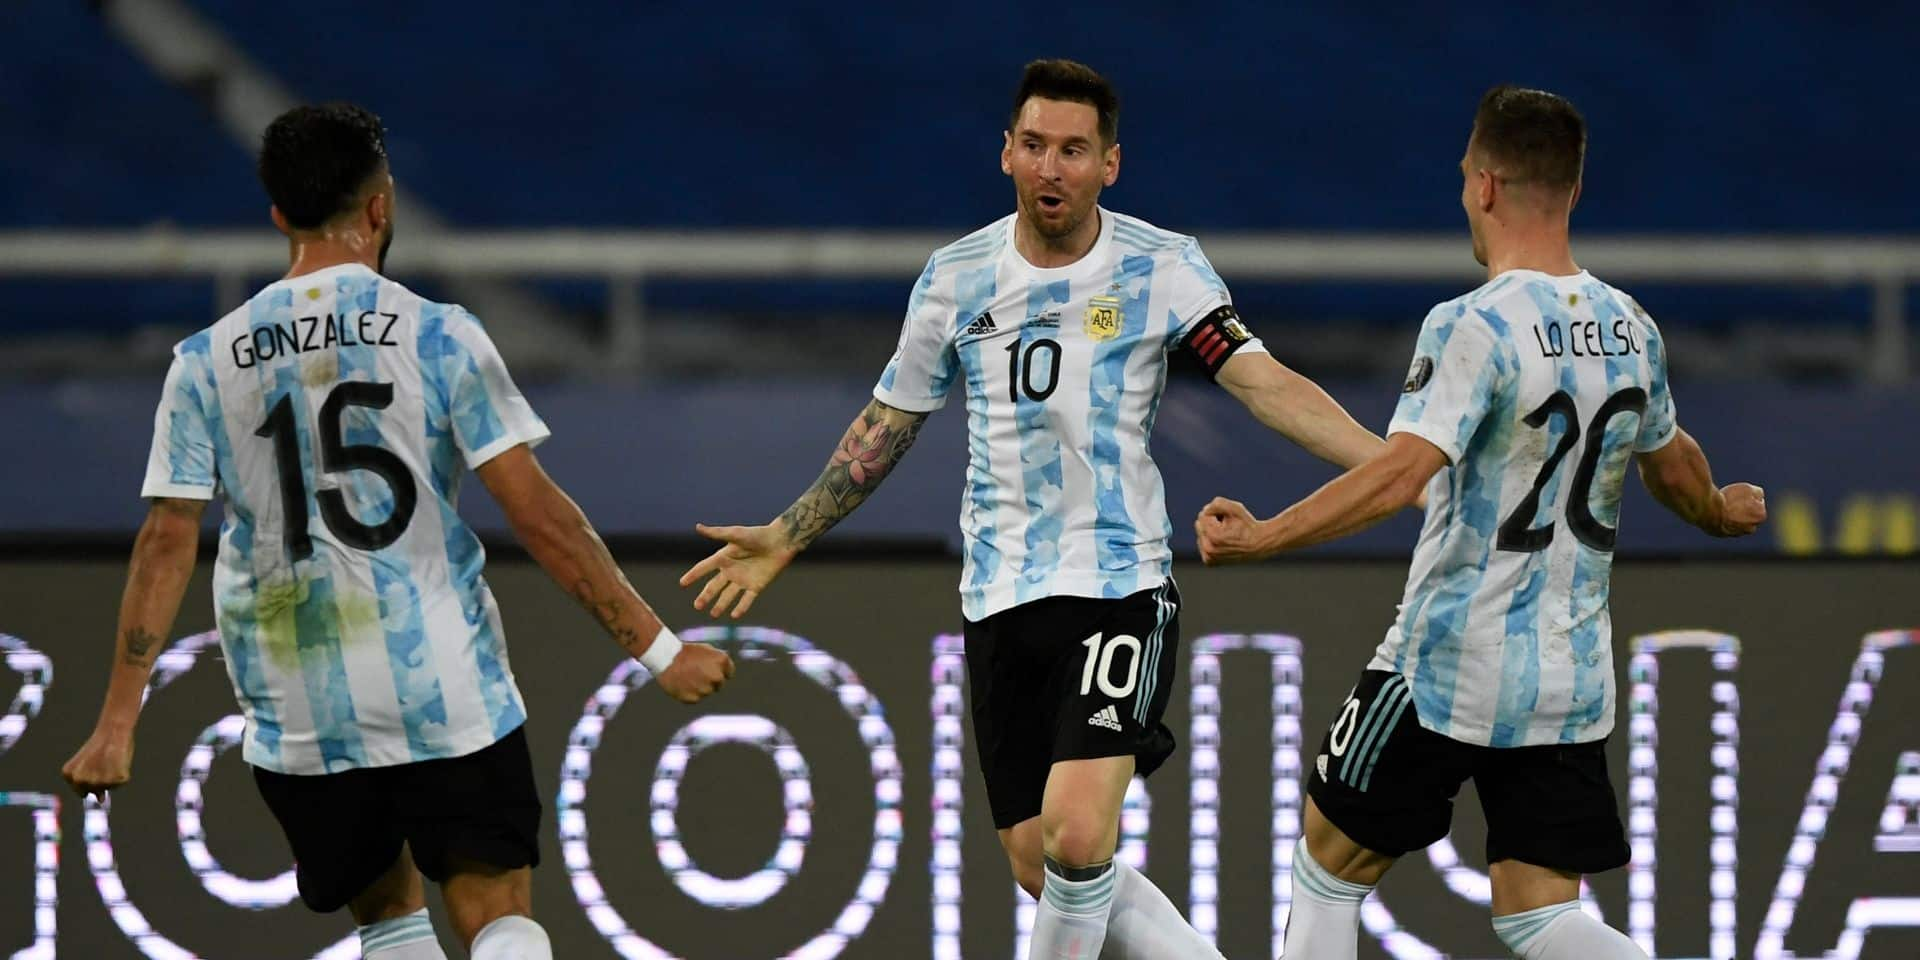 Malgré un coup franc somptueux de Messi, l'Argentine concède le partage face au Chili (VIDEO)